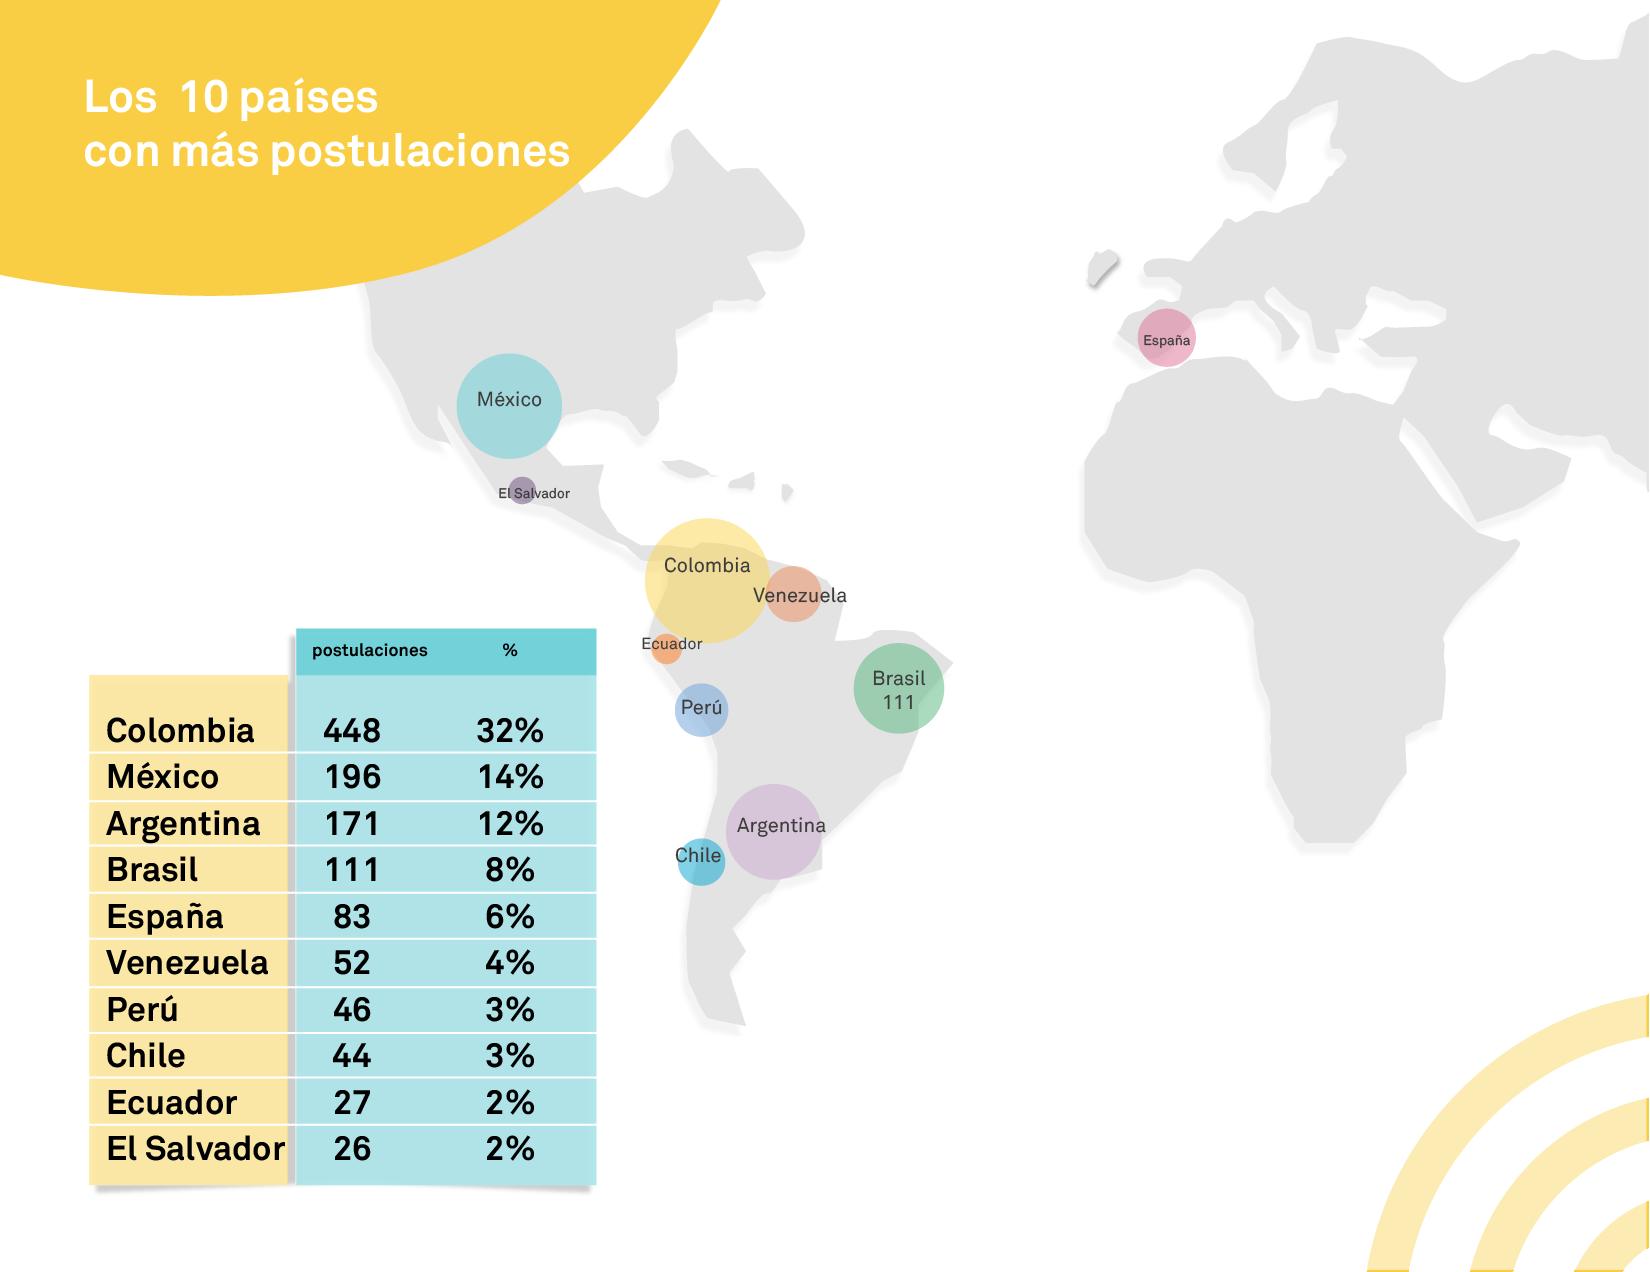 10 paises con mas postulaciones